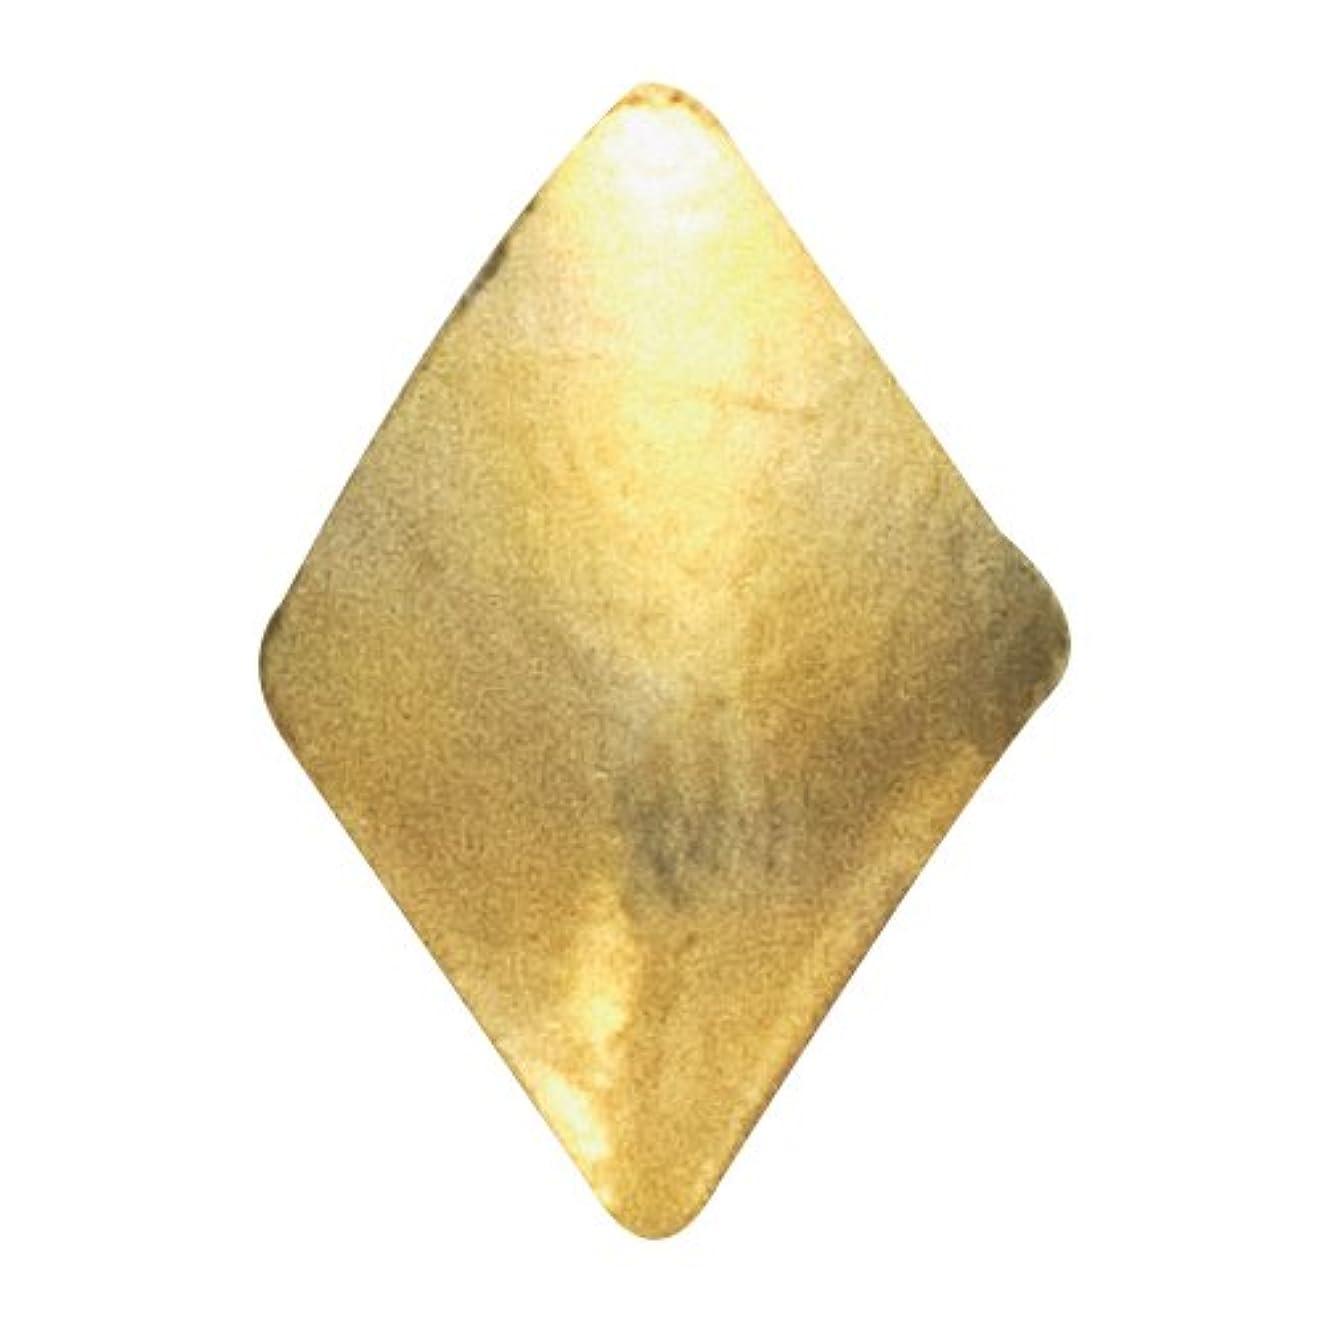 拮抗する領収書雑品リトルプリティー ネイルアートパーツ スタッズダイヤ 2×3mm ゴールド 50個